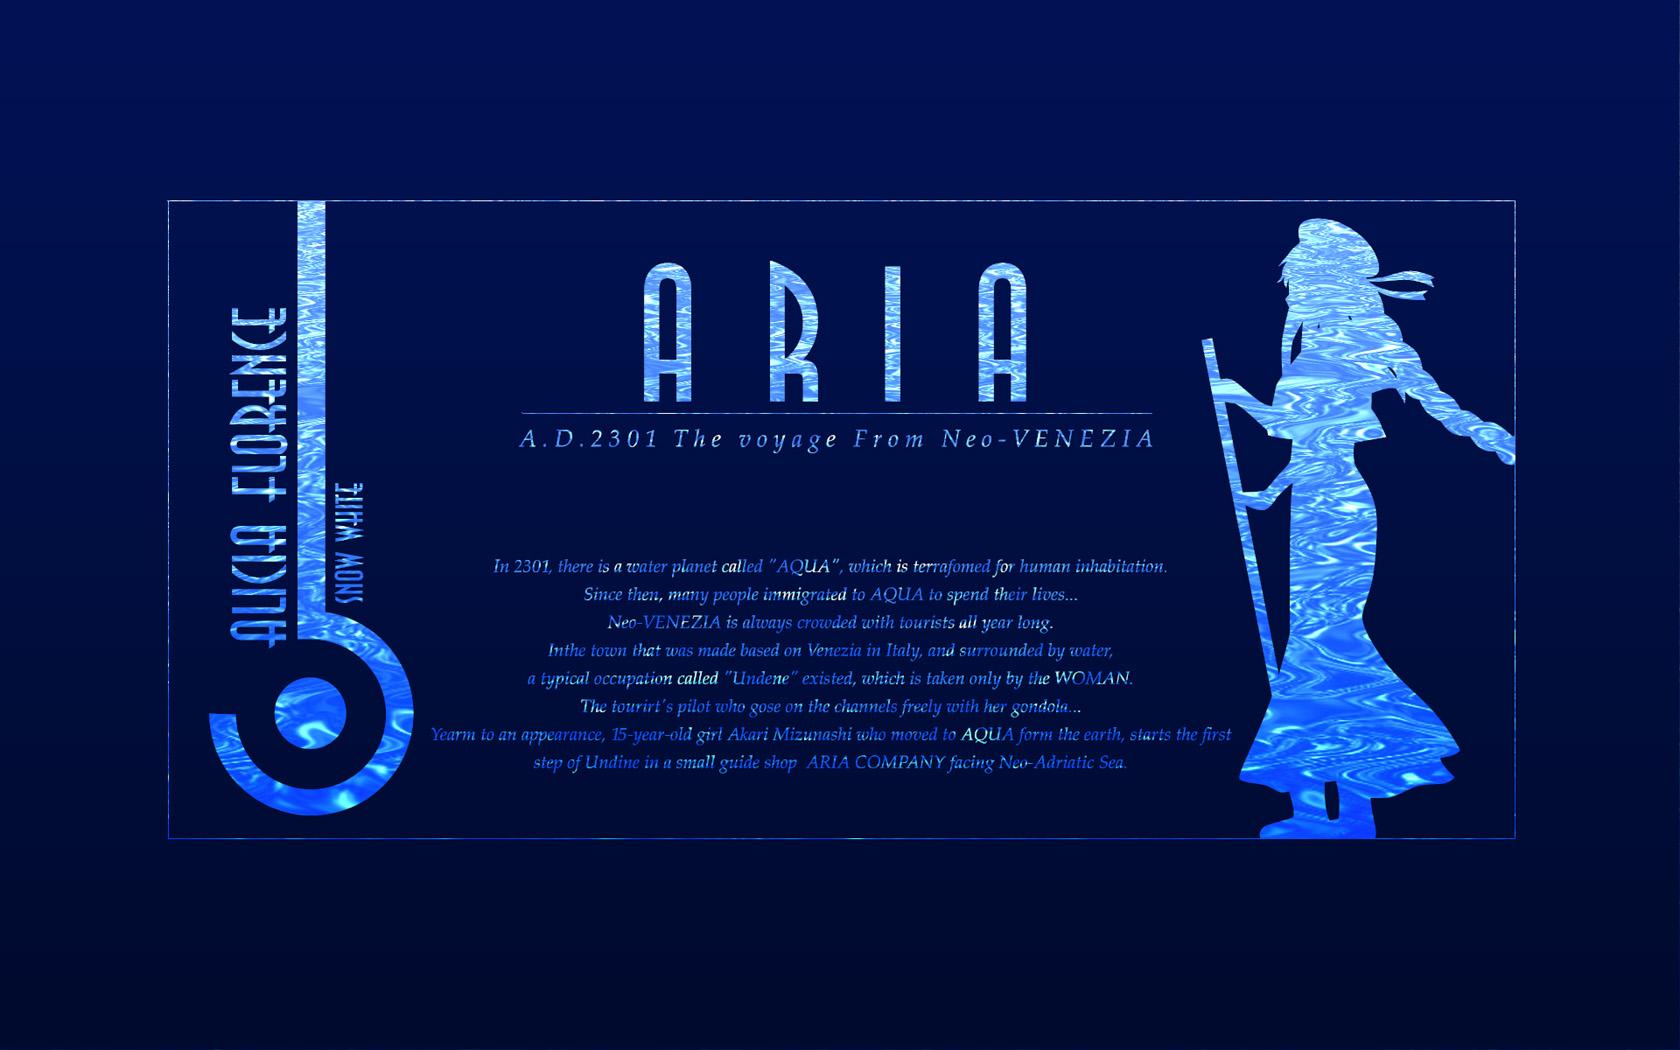 壁紙 Aria Part1 自由気ままなblog